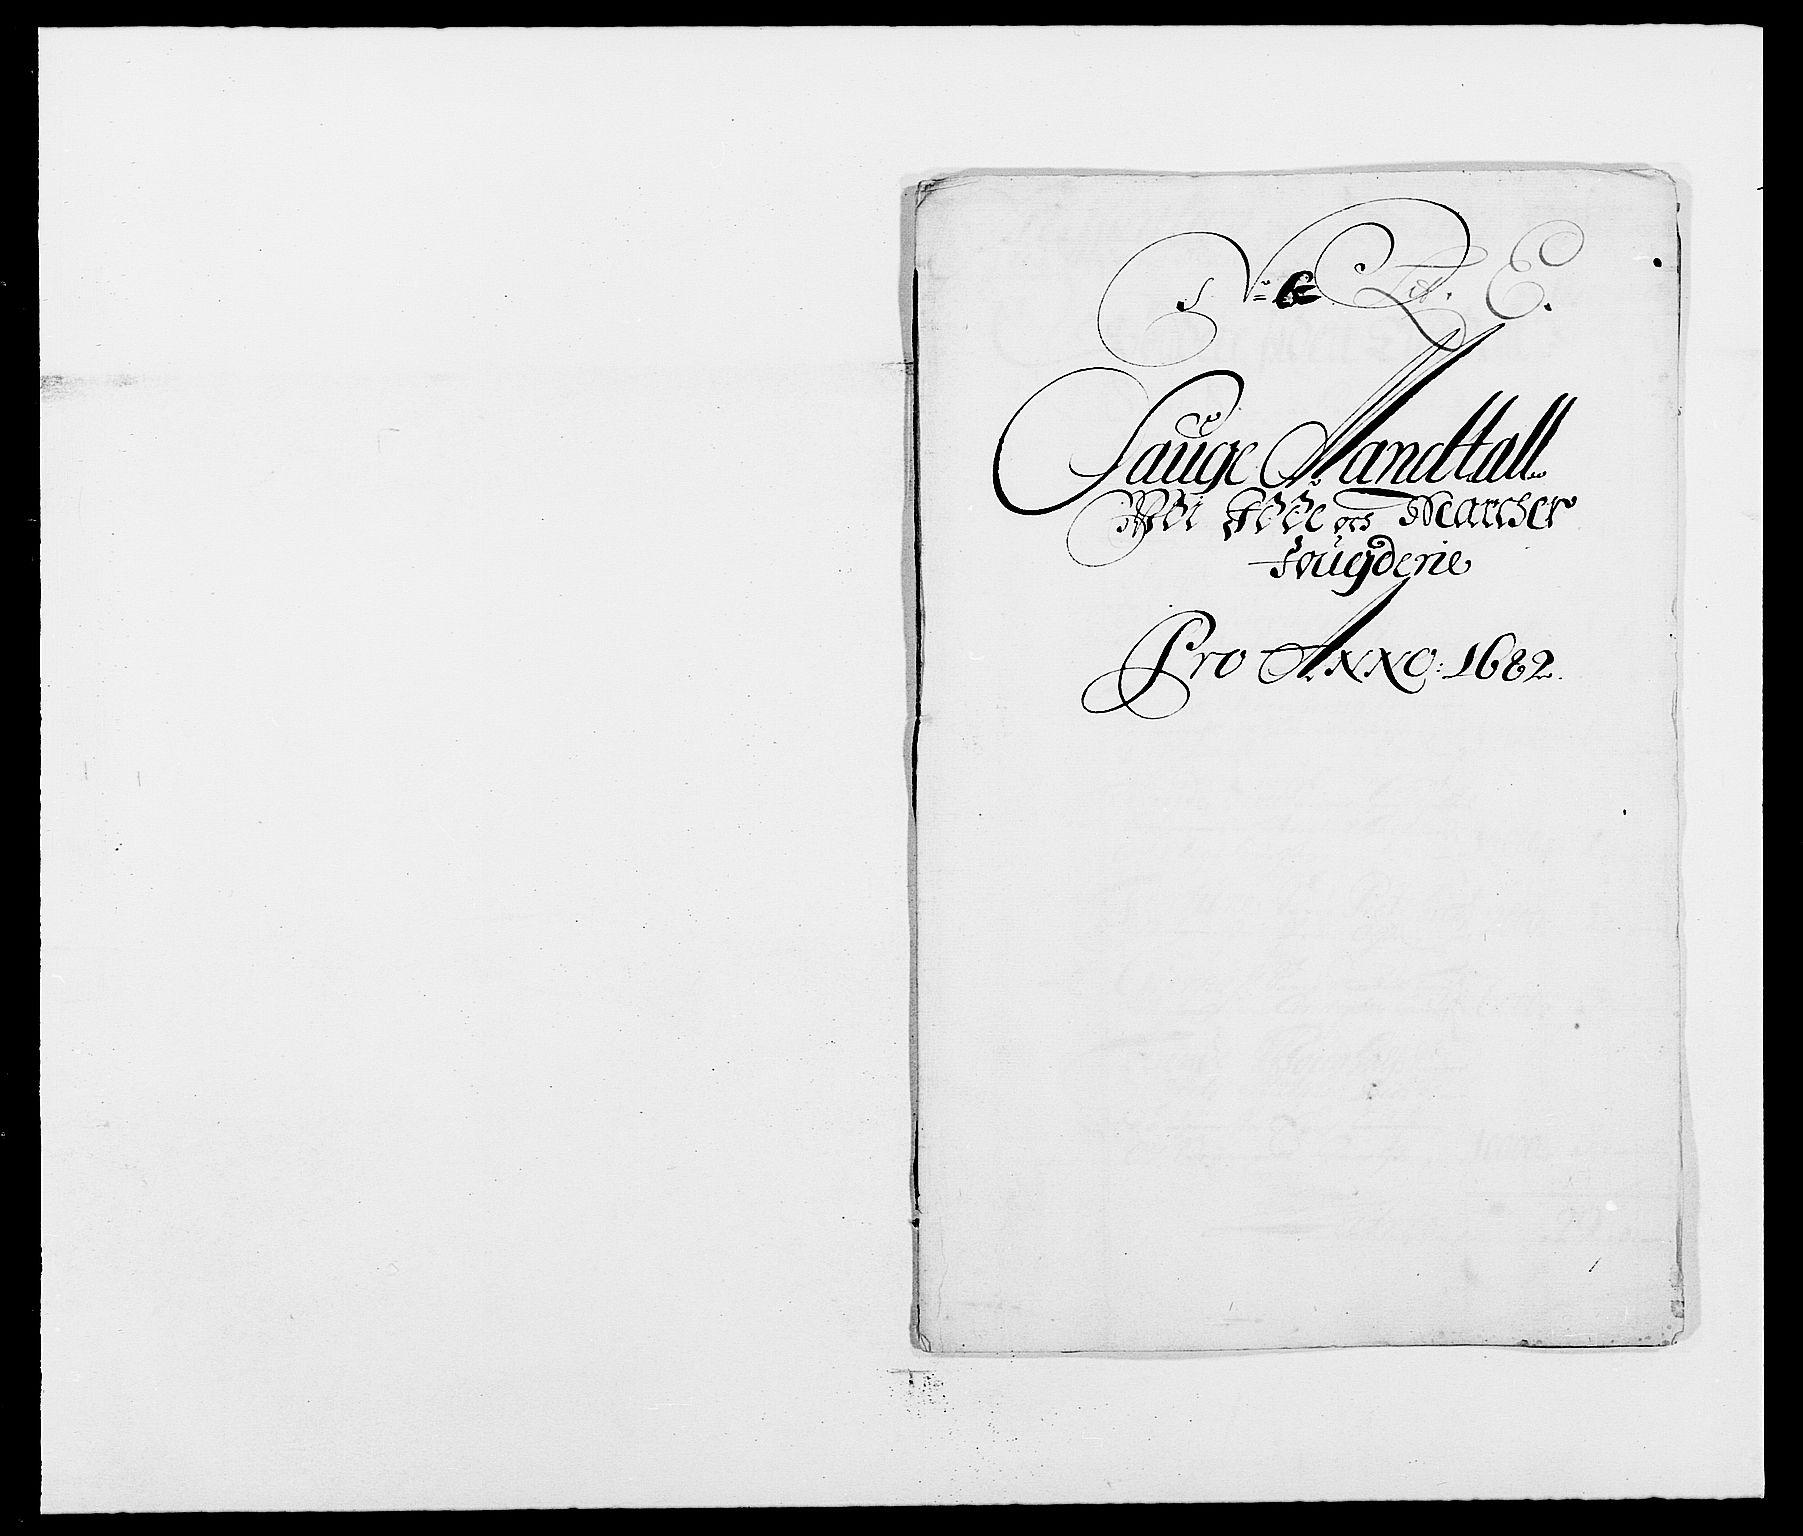 RA, Rentekammeret inntil 1814, Reviderte regnskaper, Fogderegnskap, R01/L0004: Fogderegnskap Idd og Marker , 1682-1683, s. 114